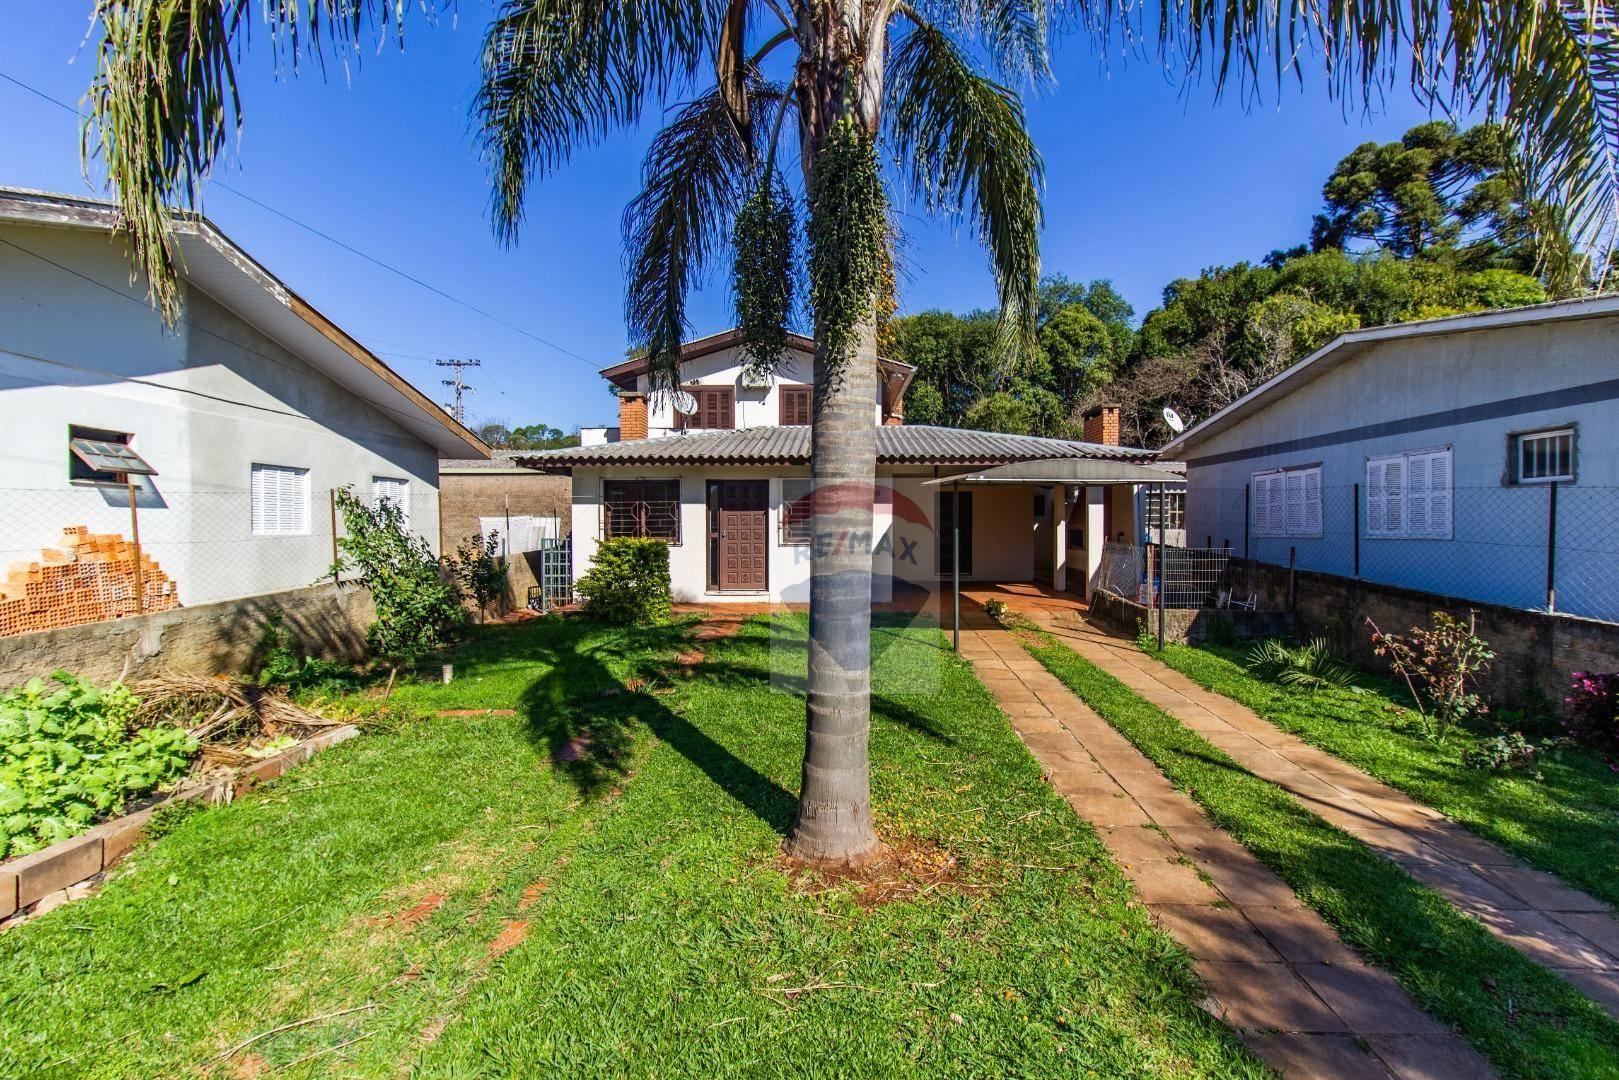 Sobrado Residencial à venda, Vila Vera Cruz, Passo Fundo 158m²